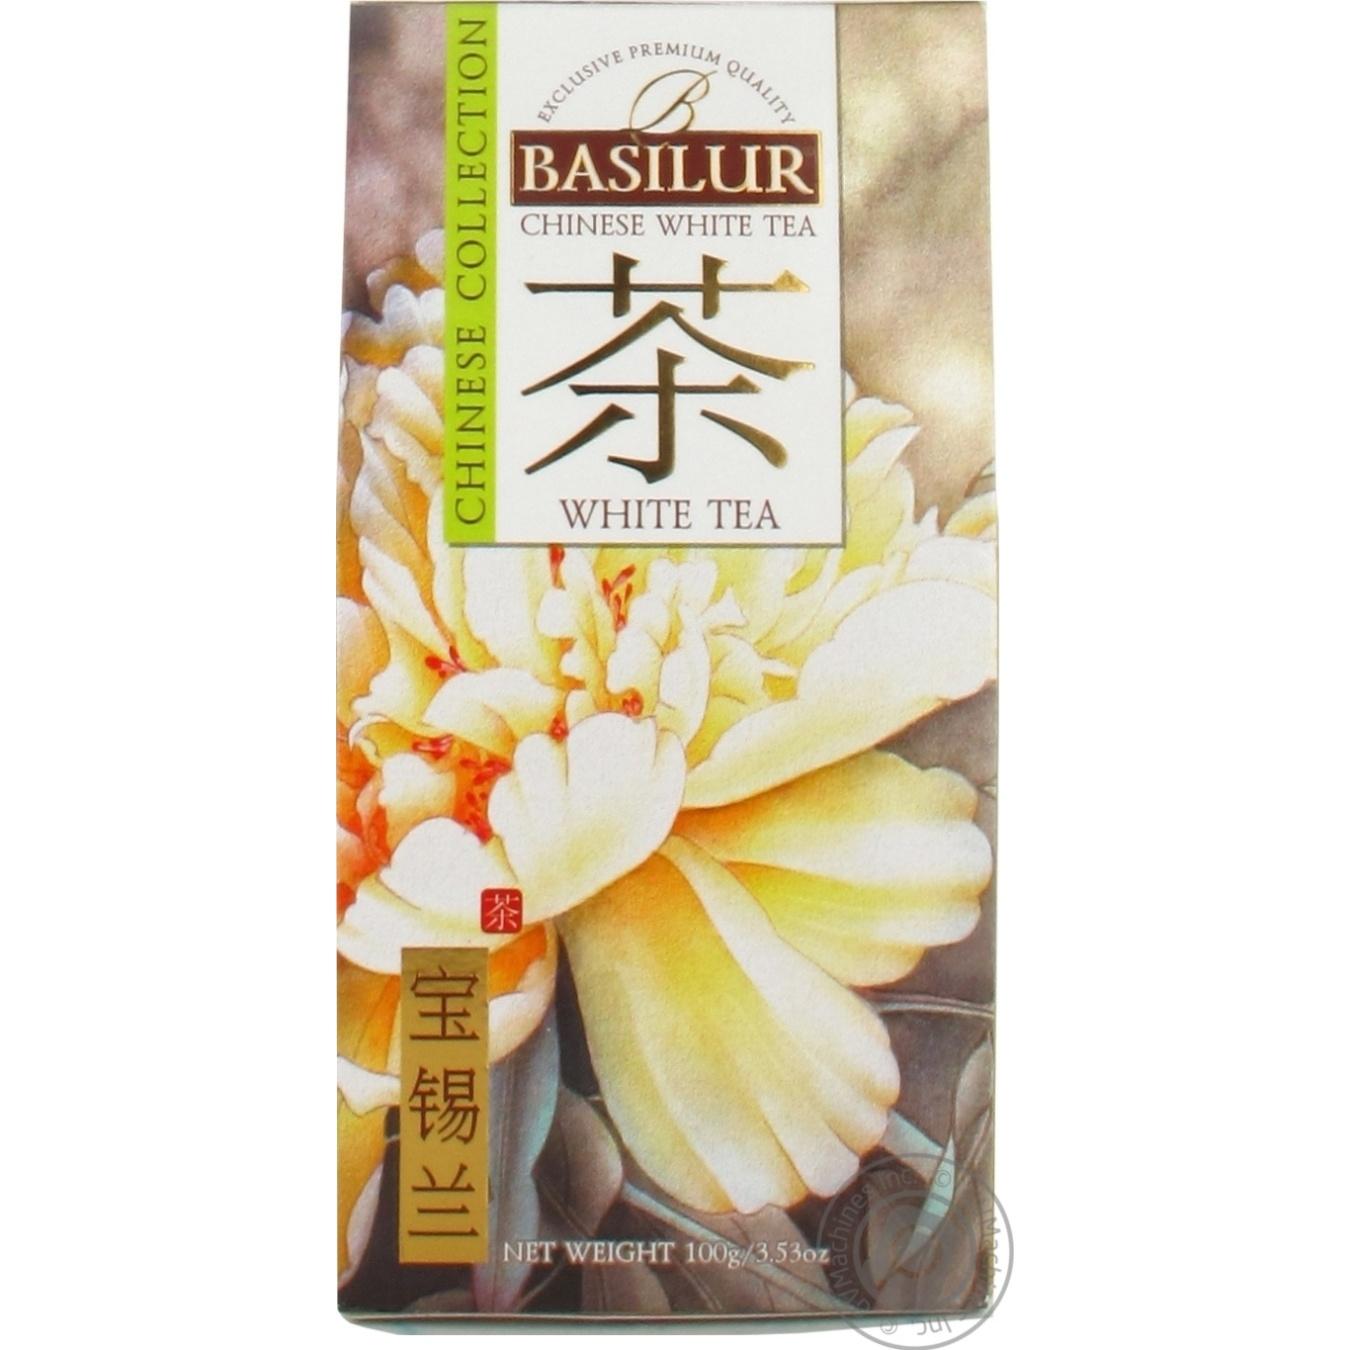 Купить Чай Basilur белый китай 100г